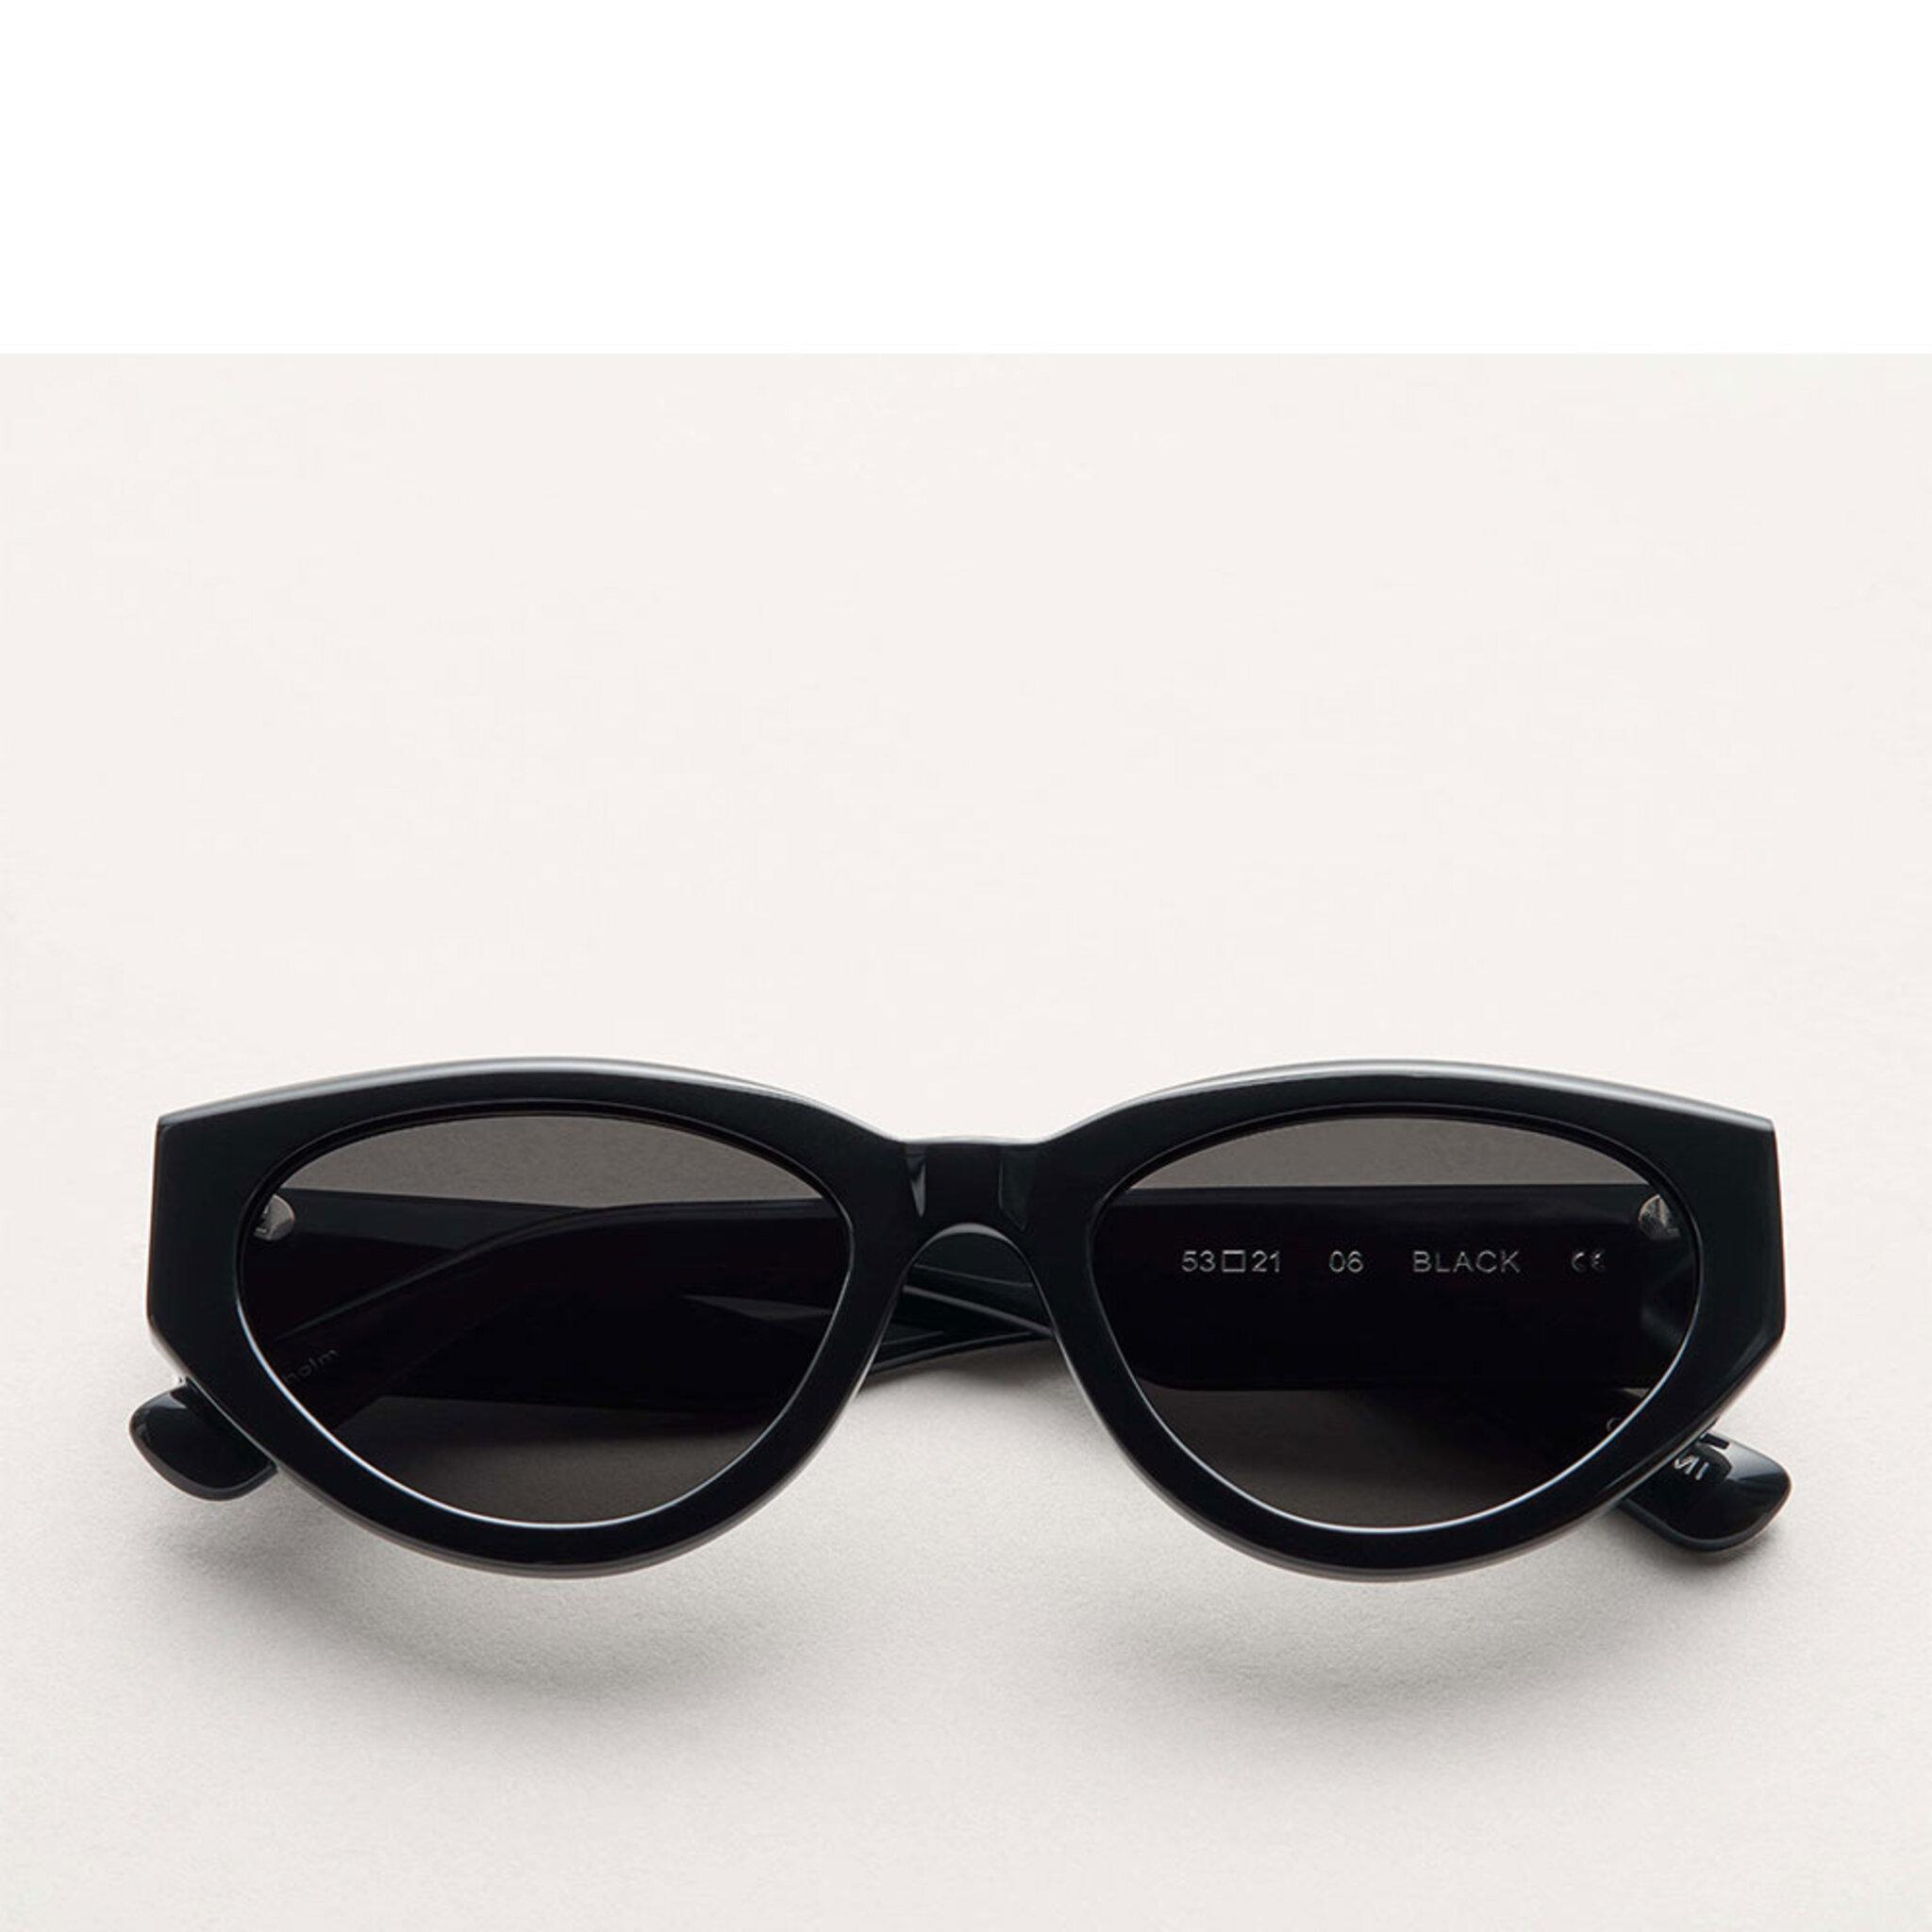 Chimi Eyewear sunglasses 06, ONE SIZE